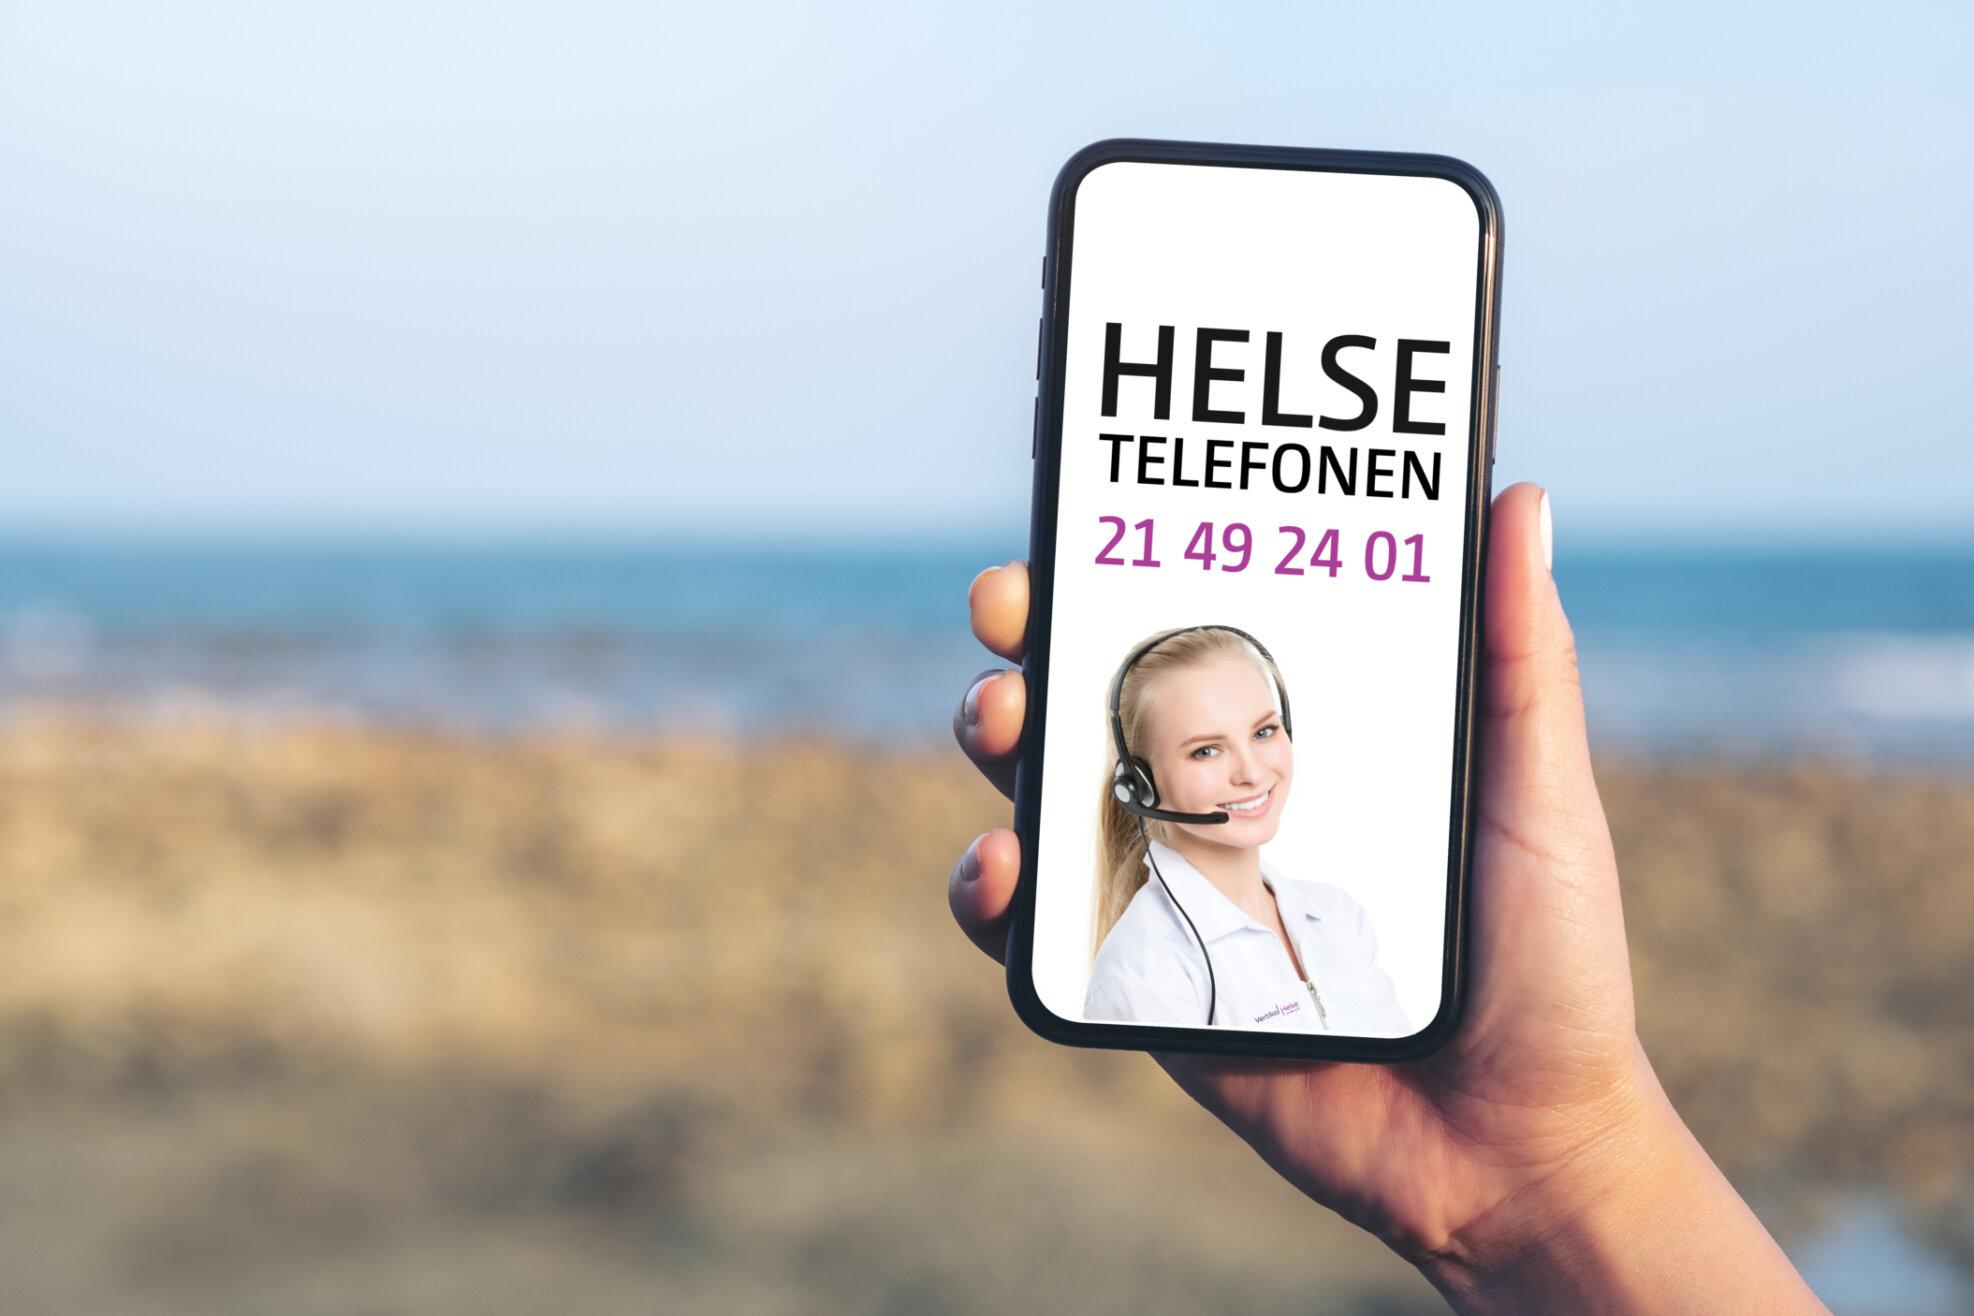 Vertikal Helse Helsetelefonen strand